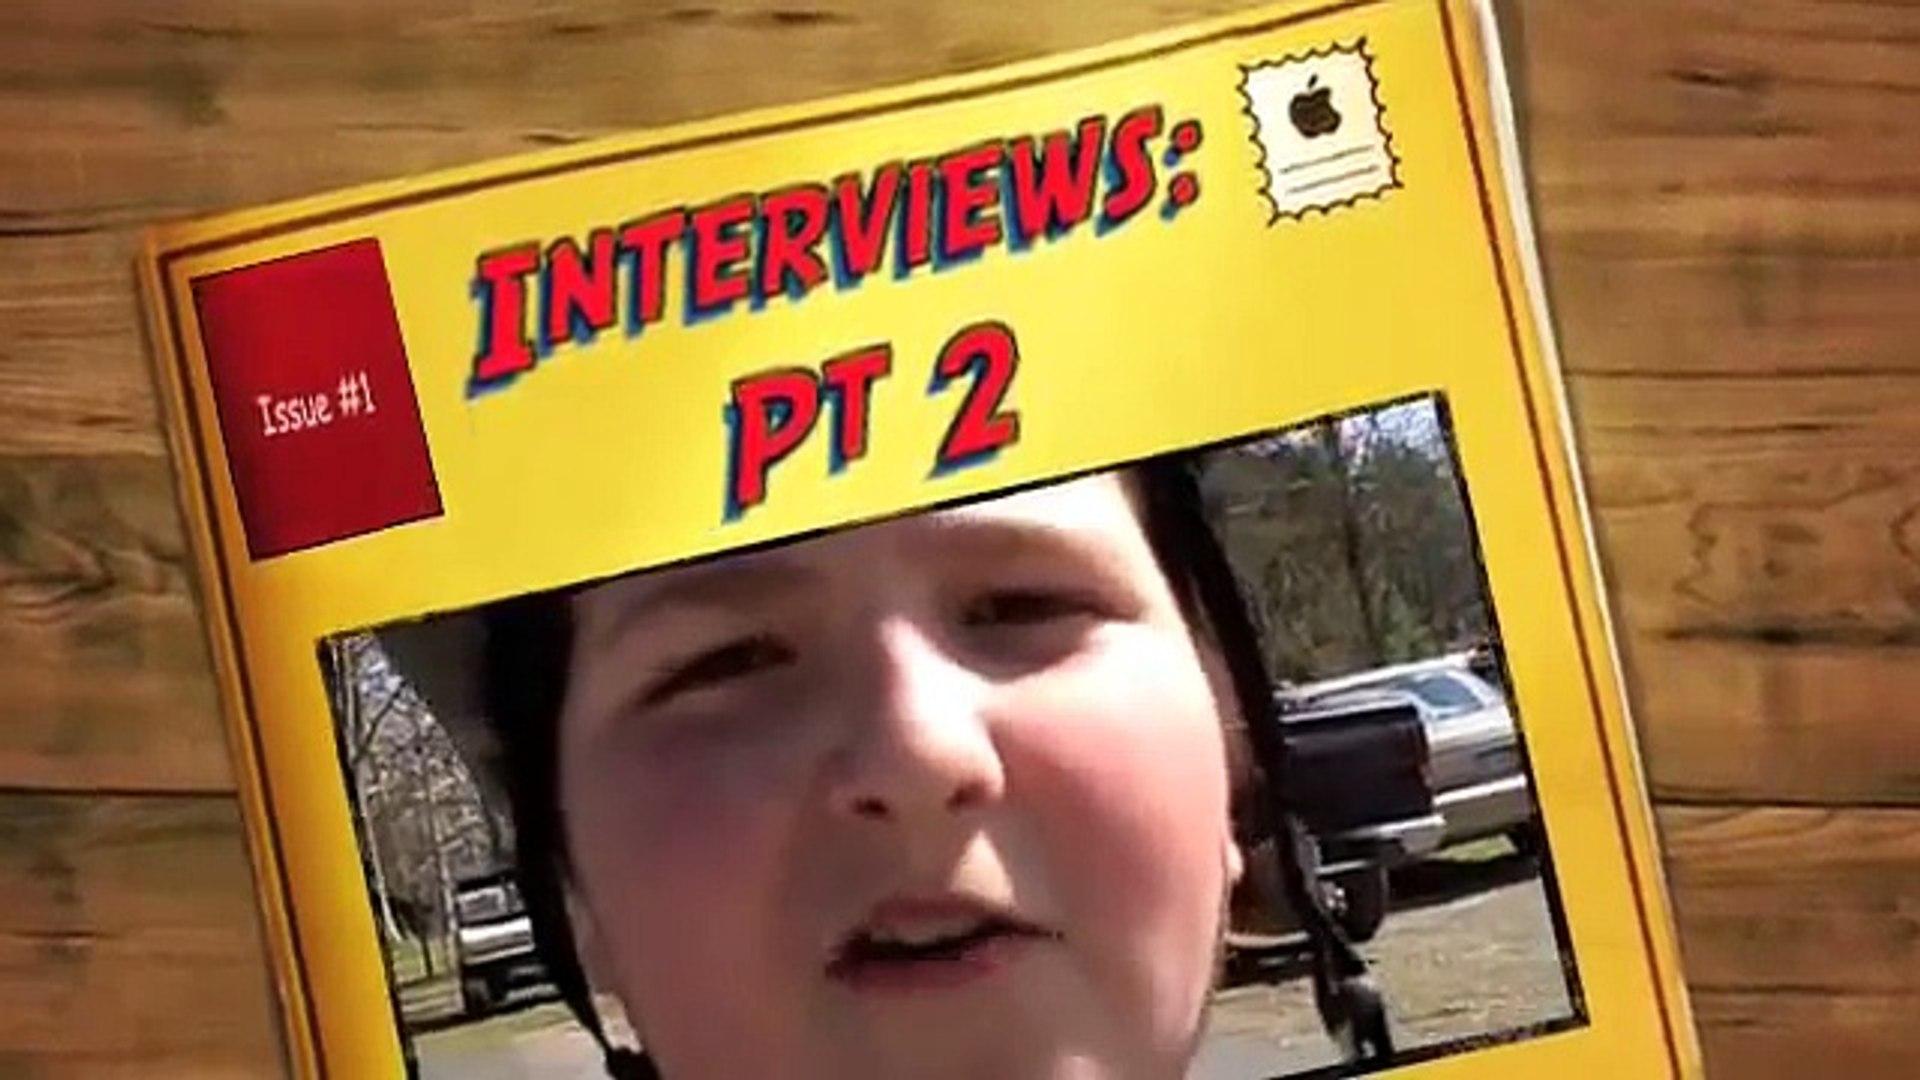 Interviews: Pt 2